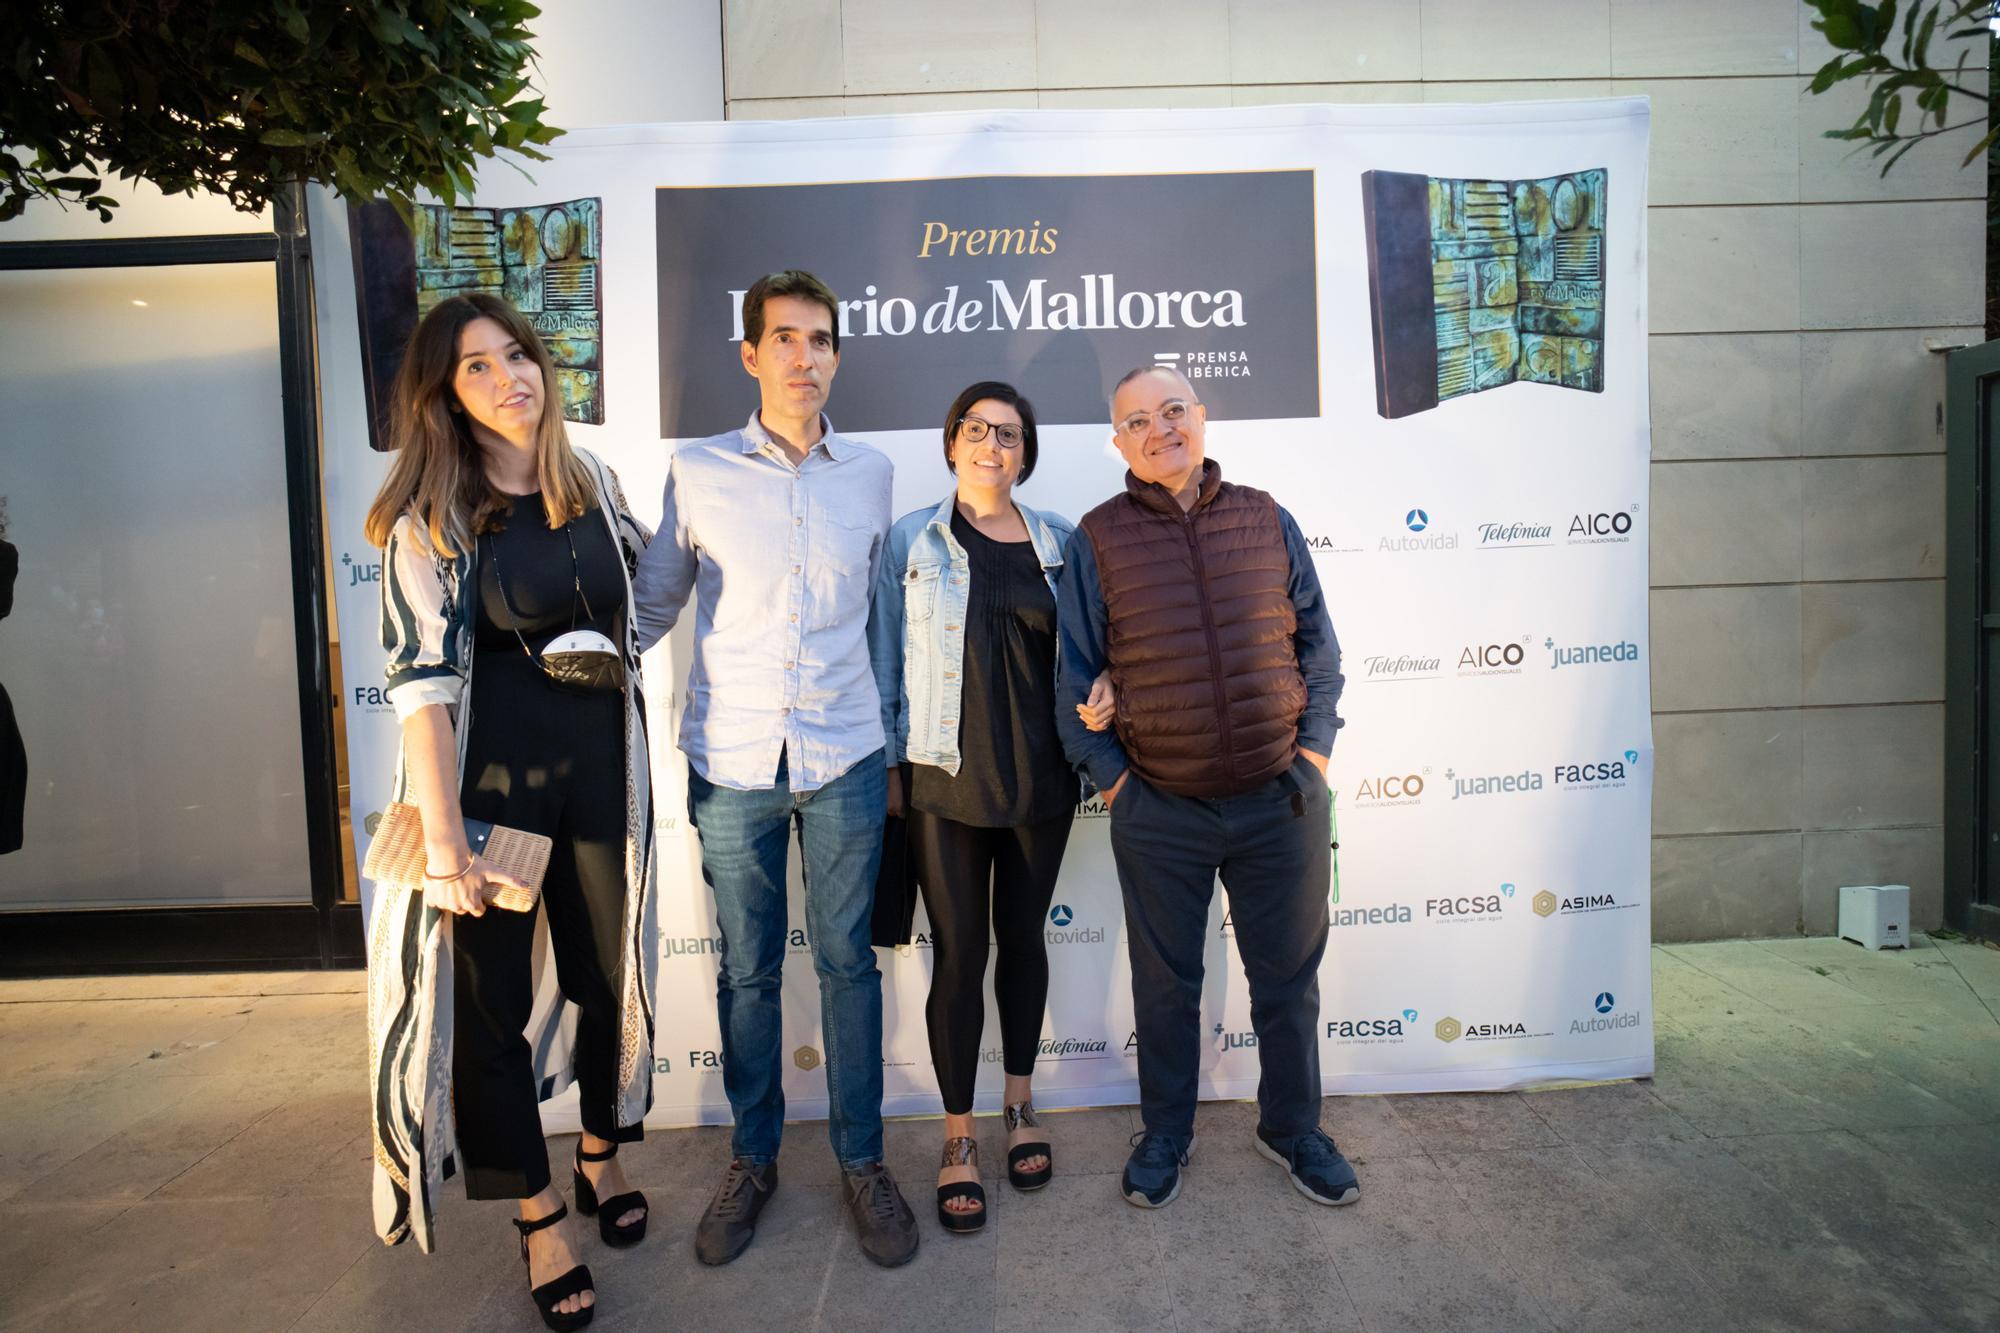 Premios Diario de Mallorca 191.jpg